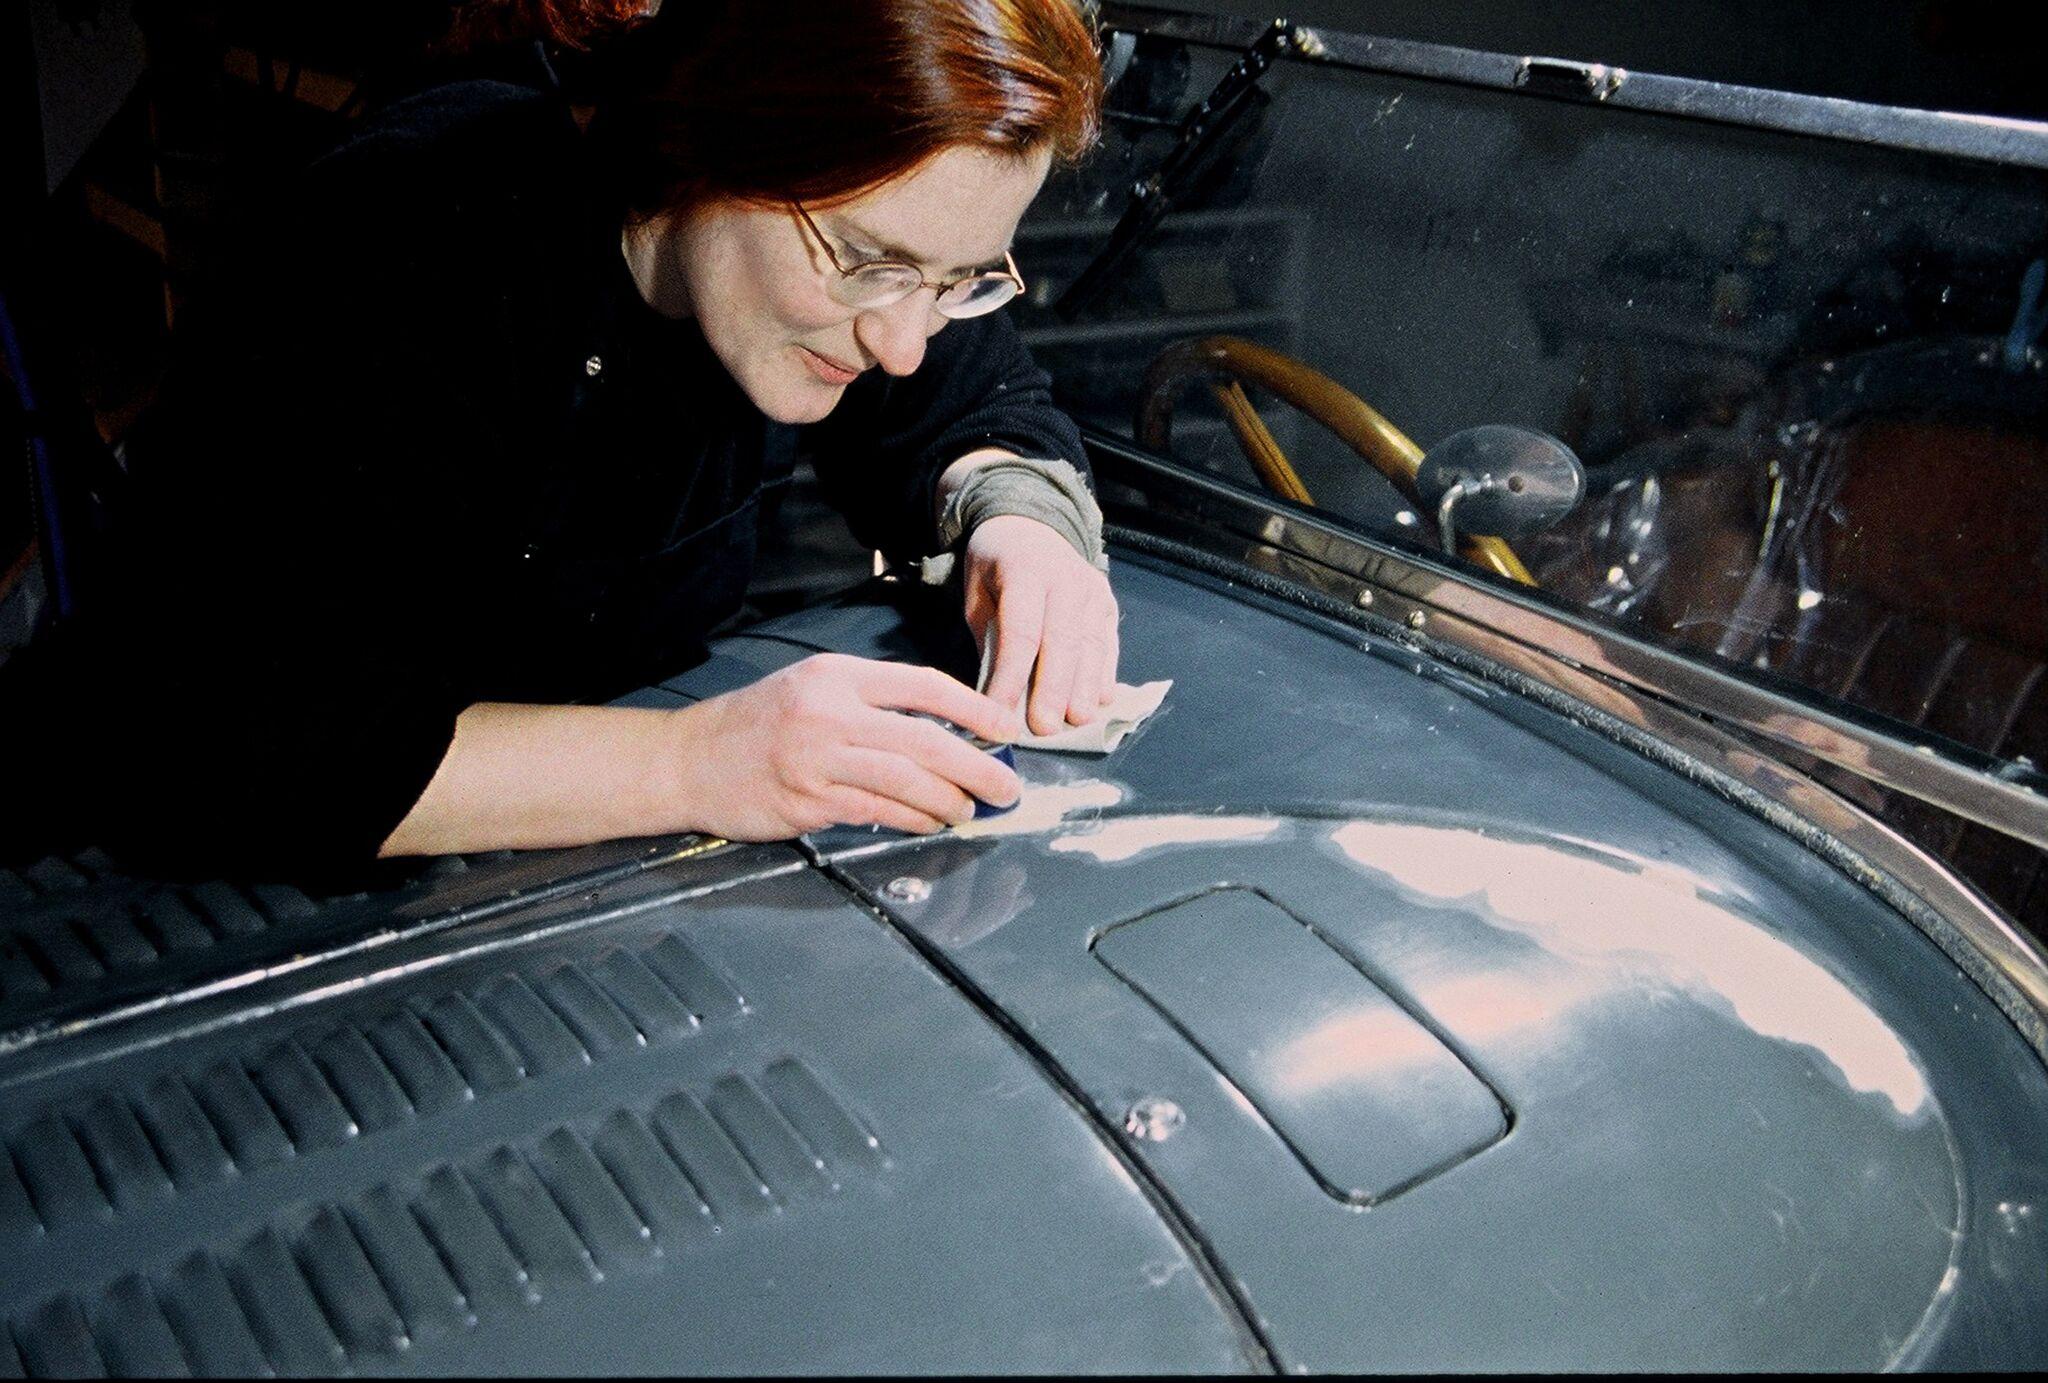 Restauration historischer Fahrzeuge: Dr. Tutt bei der Arbeit